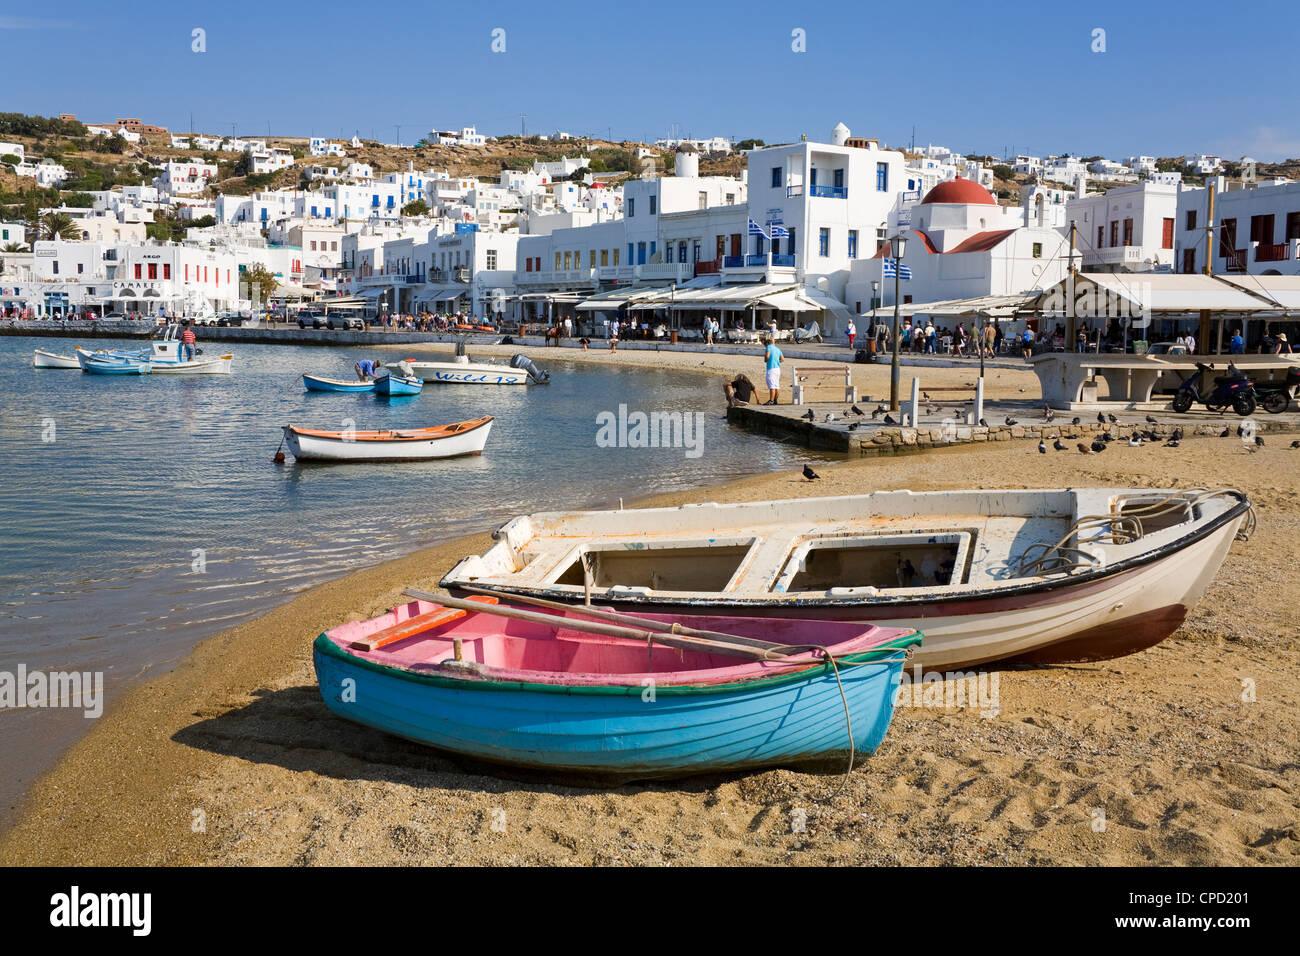 Fishing boats in Mykonos Town, Island of Mykonos, Cyclades, Greek Islands, Greece, Europe - Stock Image